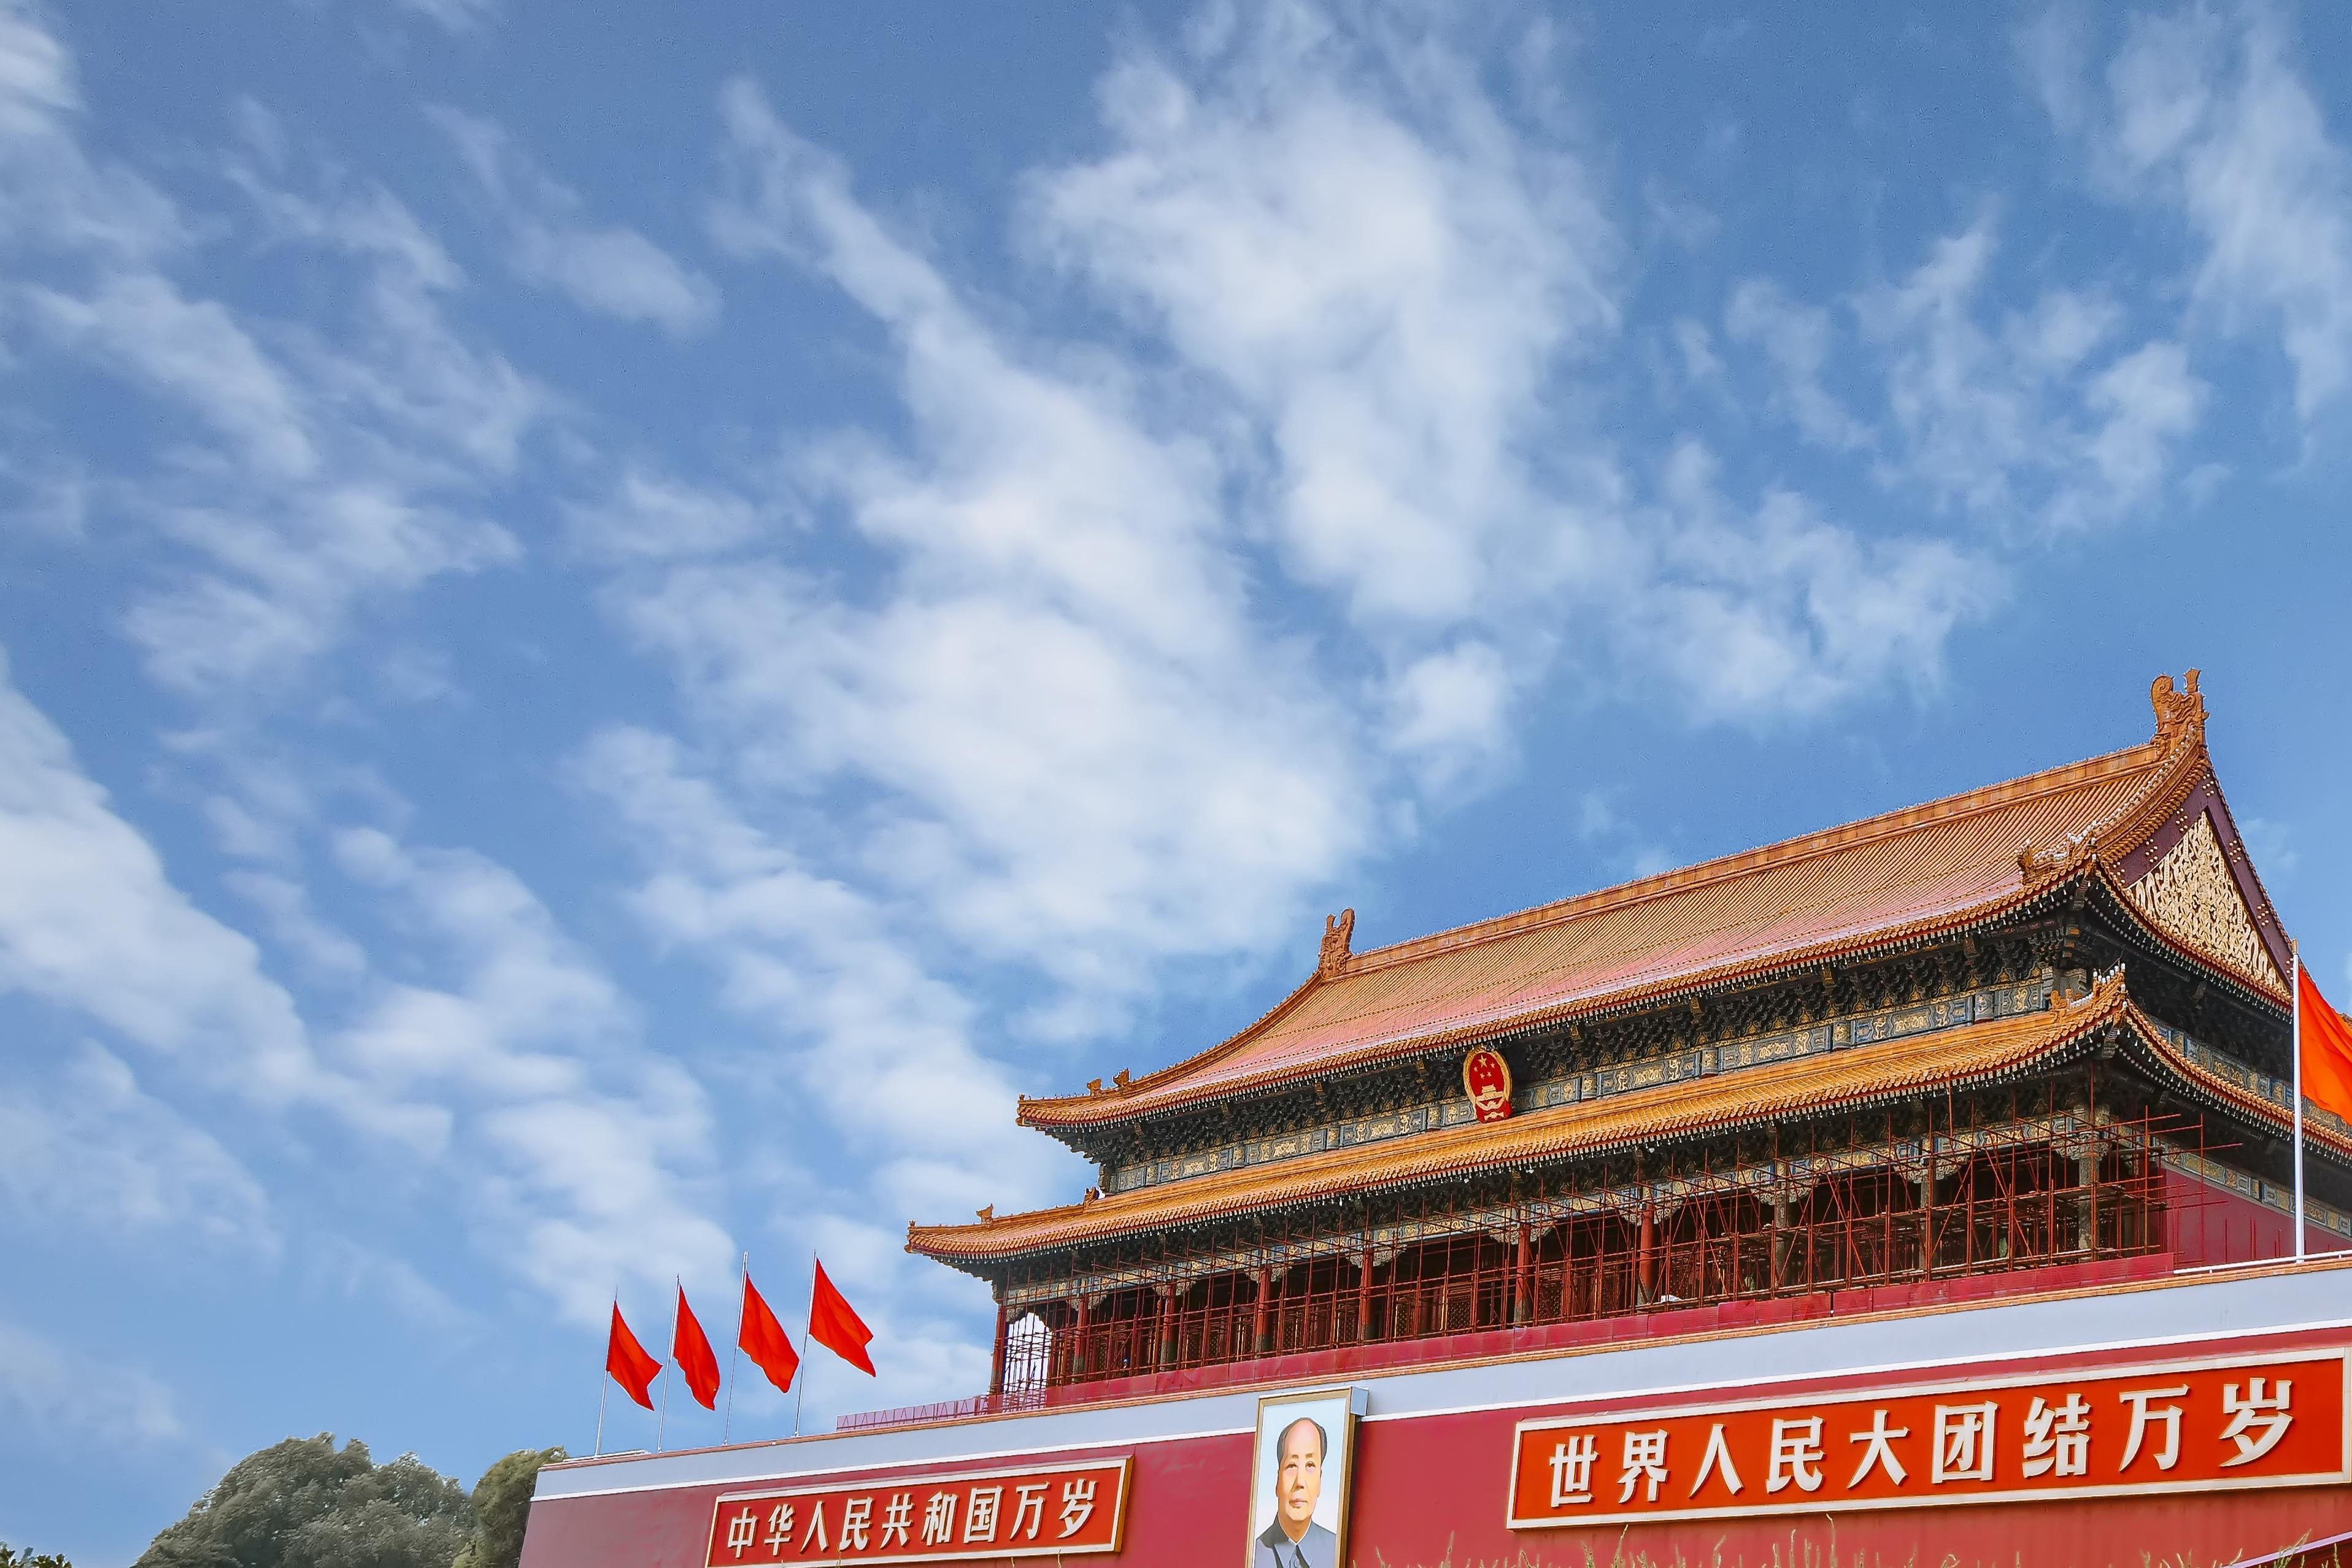 北京5日飞机跟团游北京一地游 畅游北京  感受北京  品味北京 一价全含无任何旅游陷阱及隐藏二次消费,我懂旅游更懂你